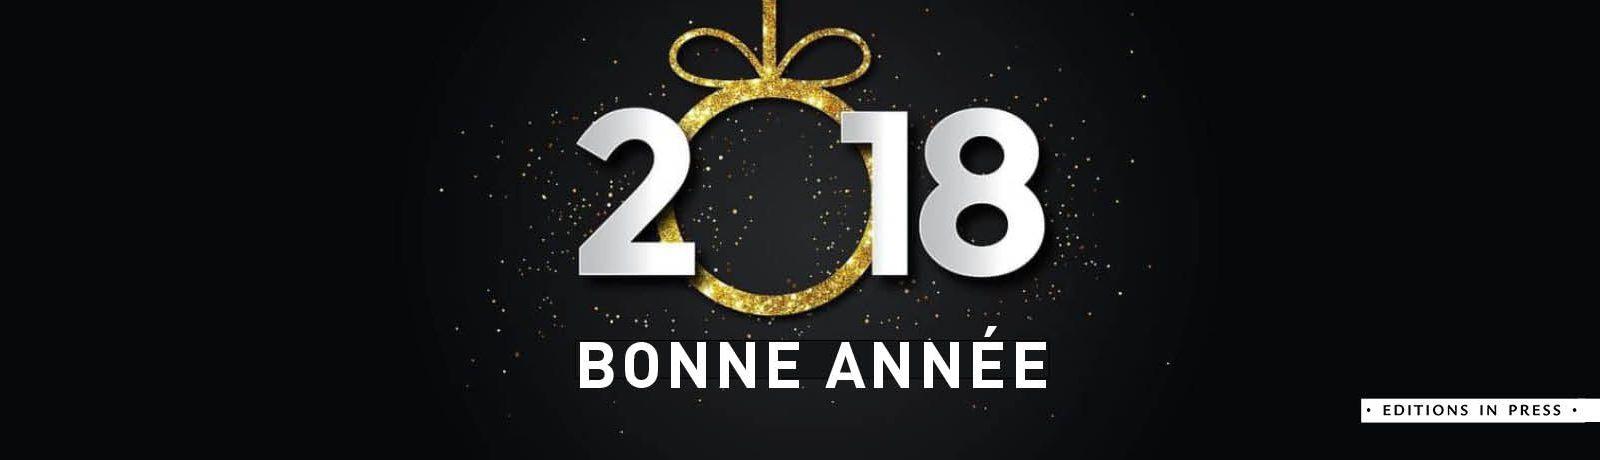 Bannière bonne année